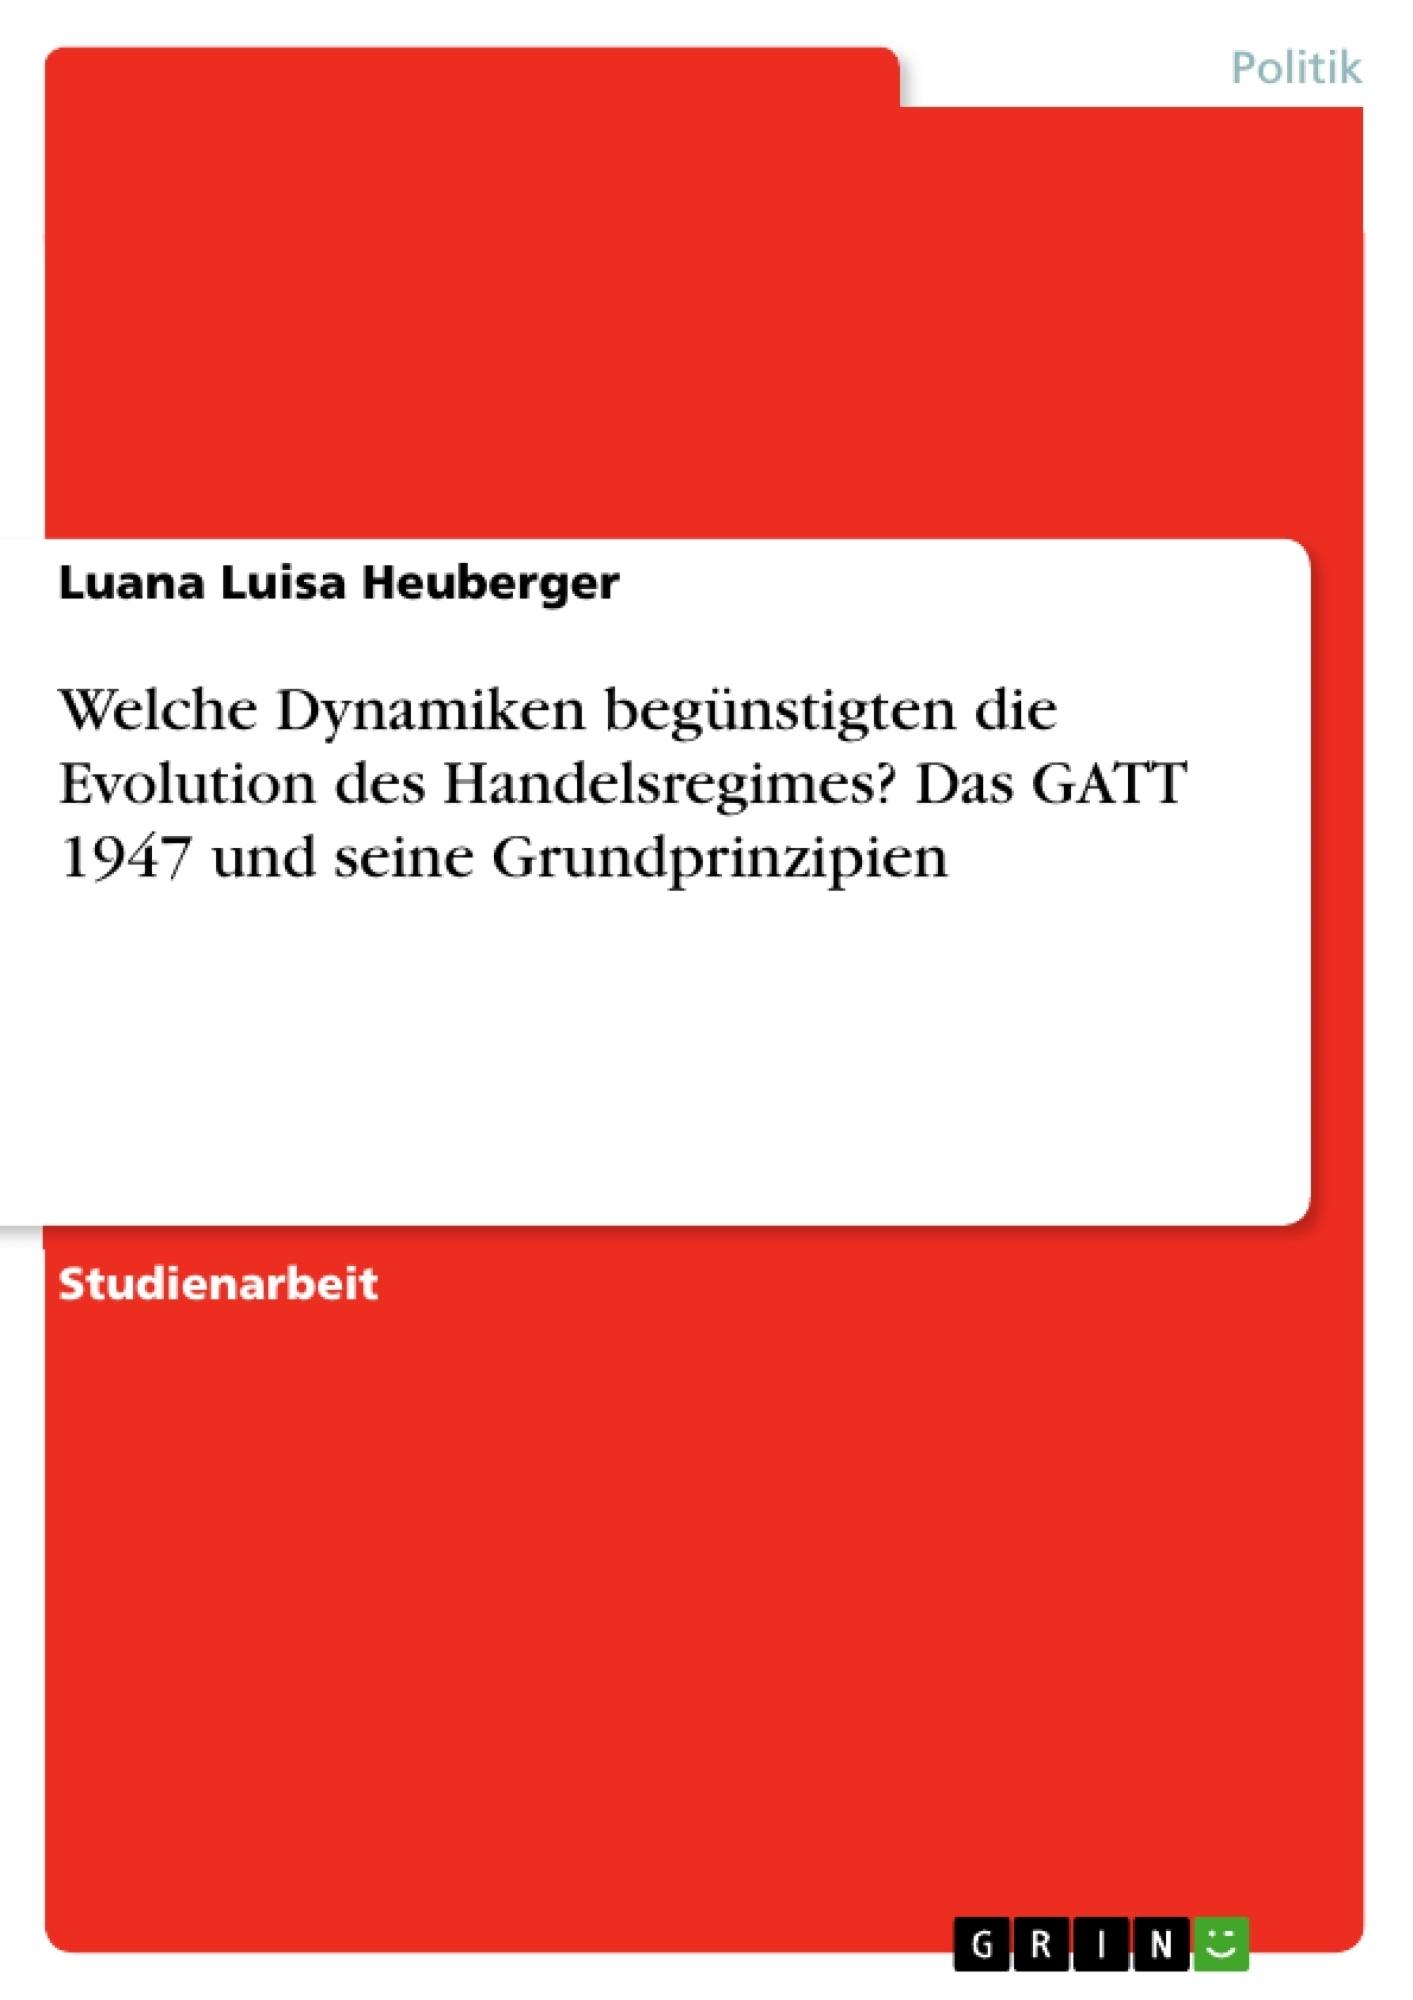 Titel: Welche Dynamiken begünstigten die Evolution des Handelsregimes? Das GATT 1947 und seine Grundprinzipien